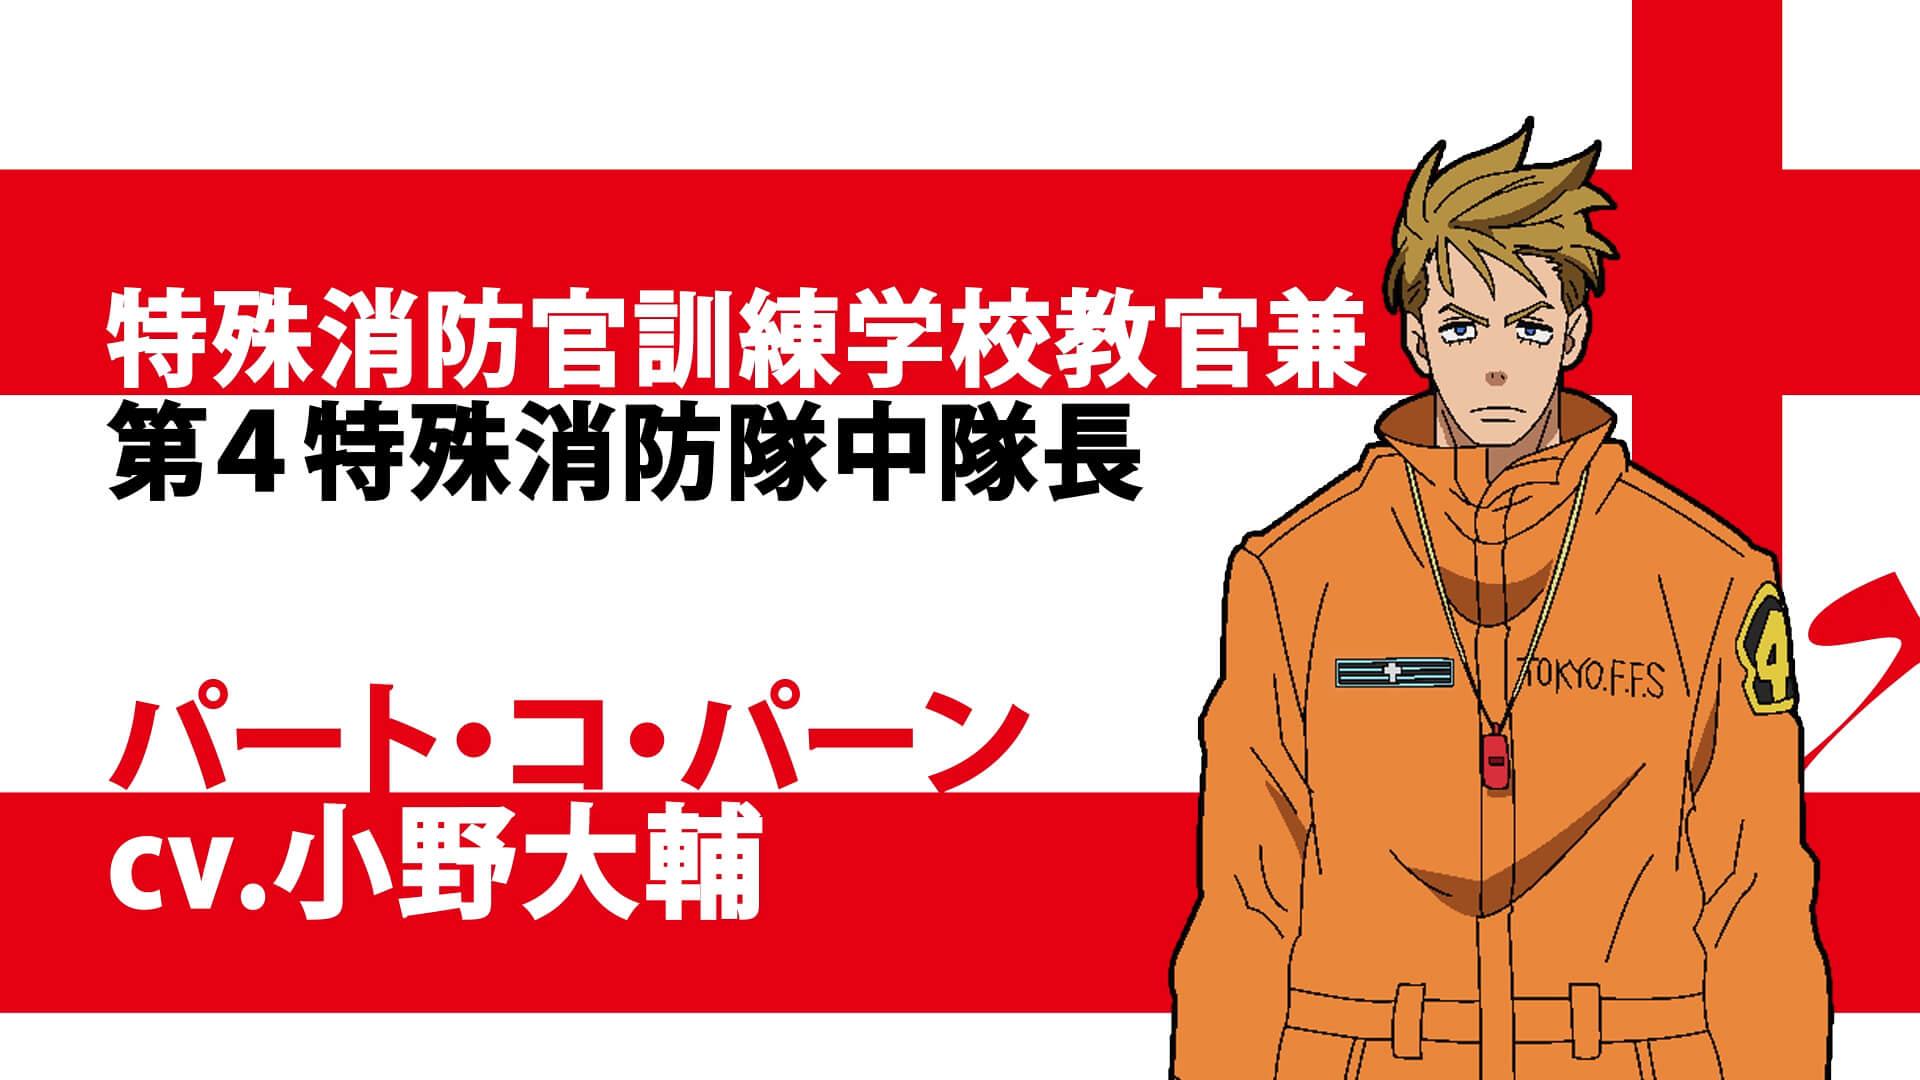 ノ 伝道 消防 炎炎 隊 者